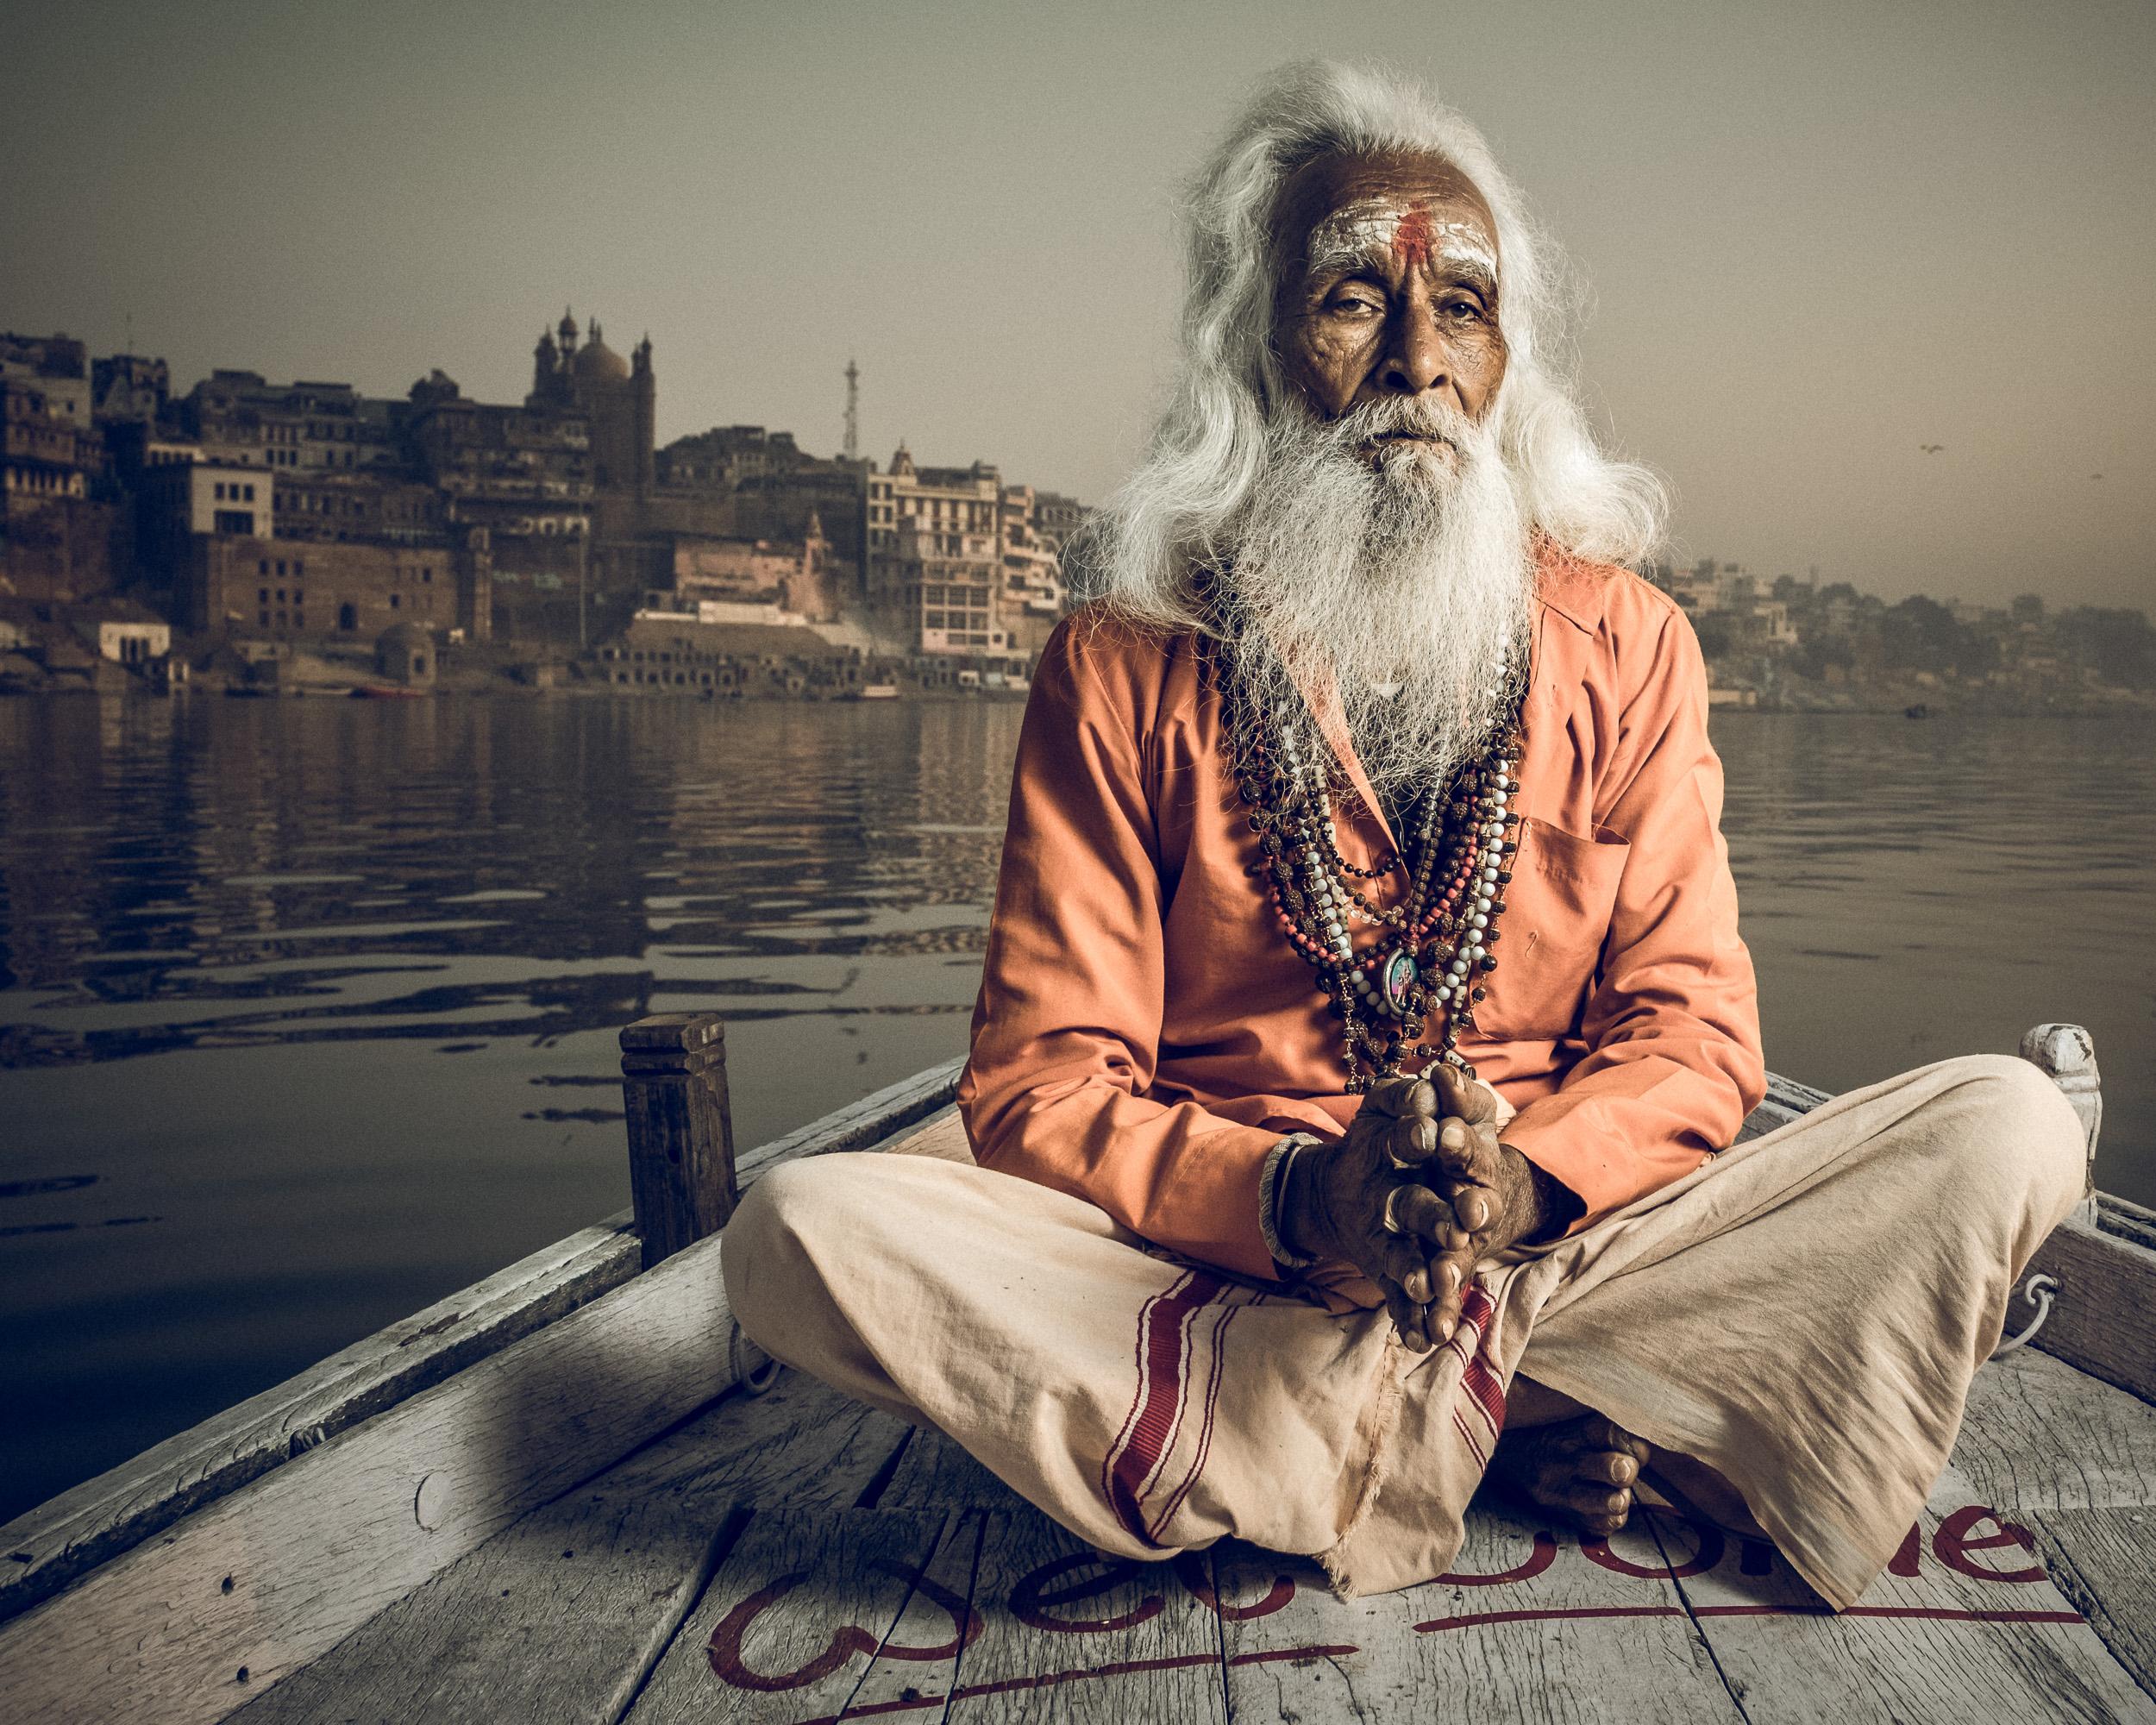 20160225_Varanasi9_7928.jpg